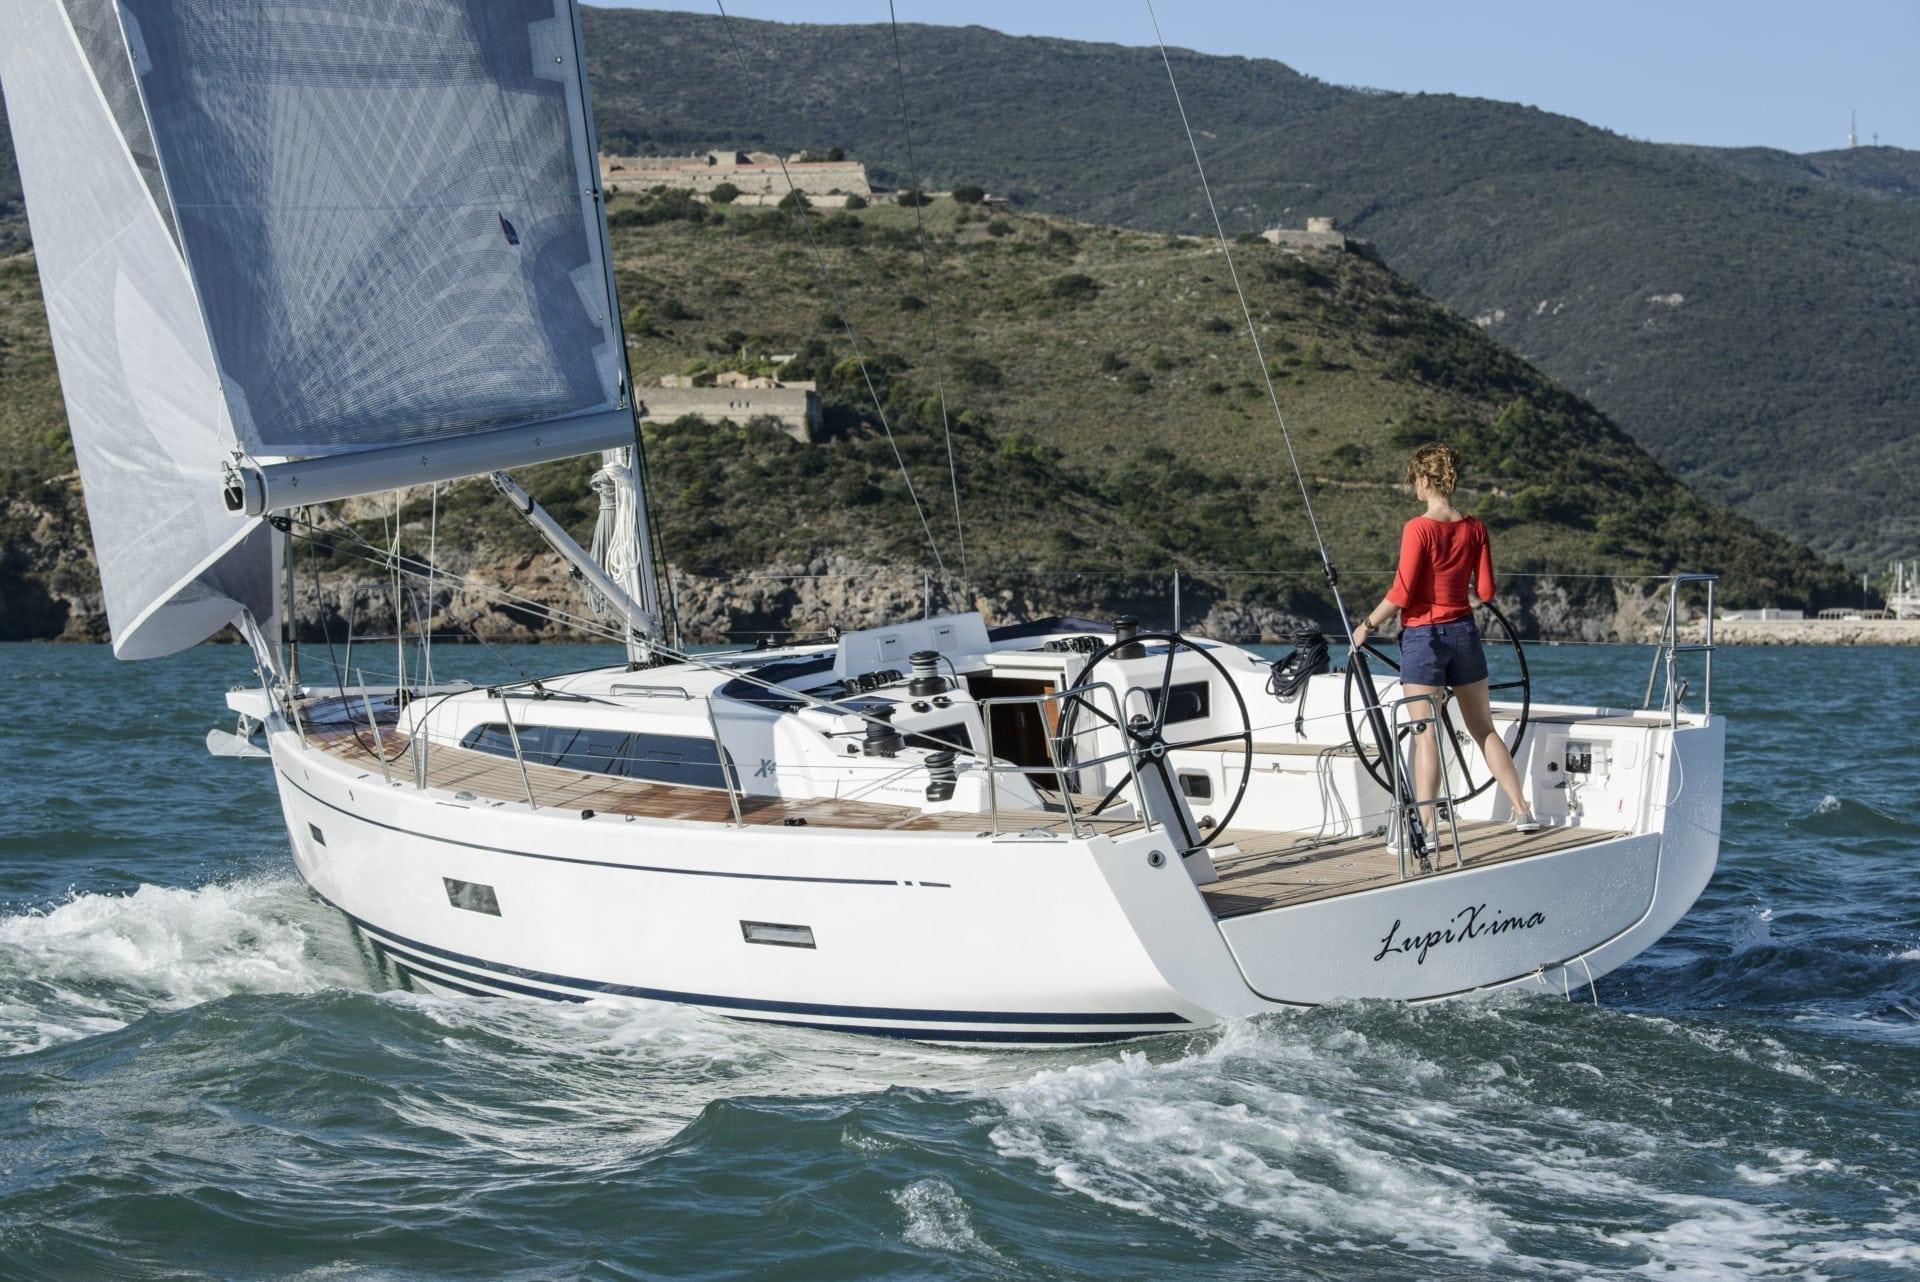 x4-x-yachts-fastsailing-fastsailing-exterior1